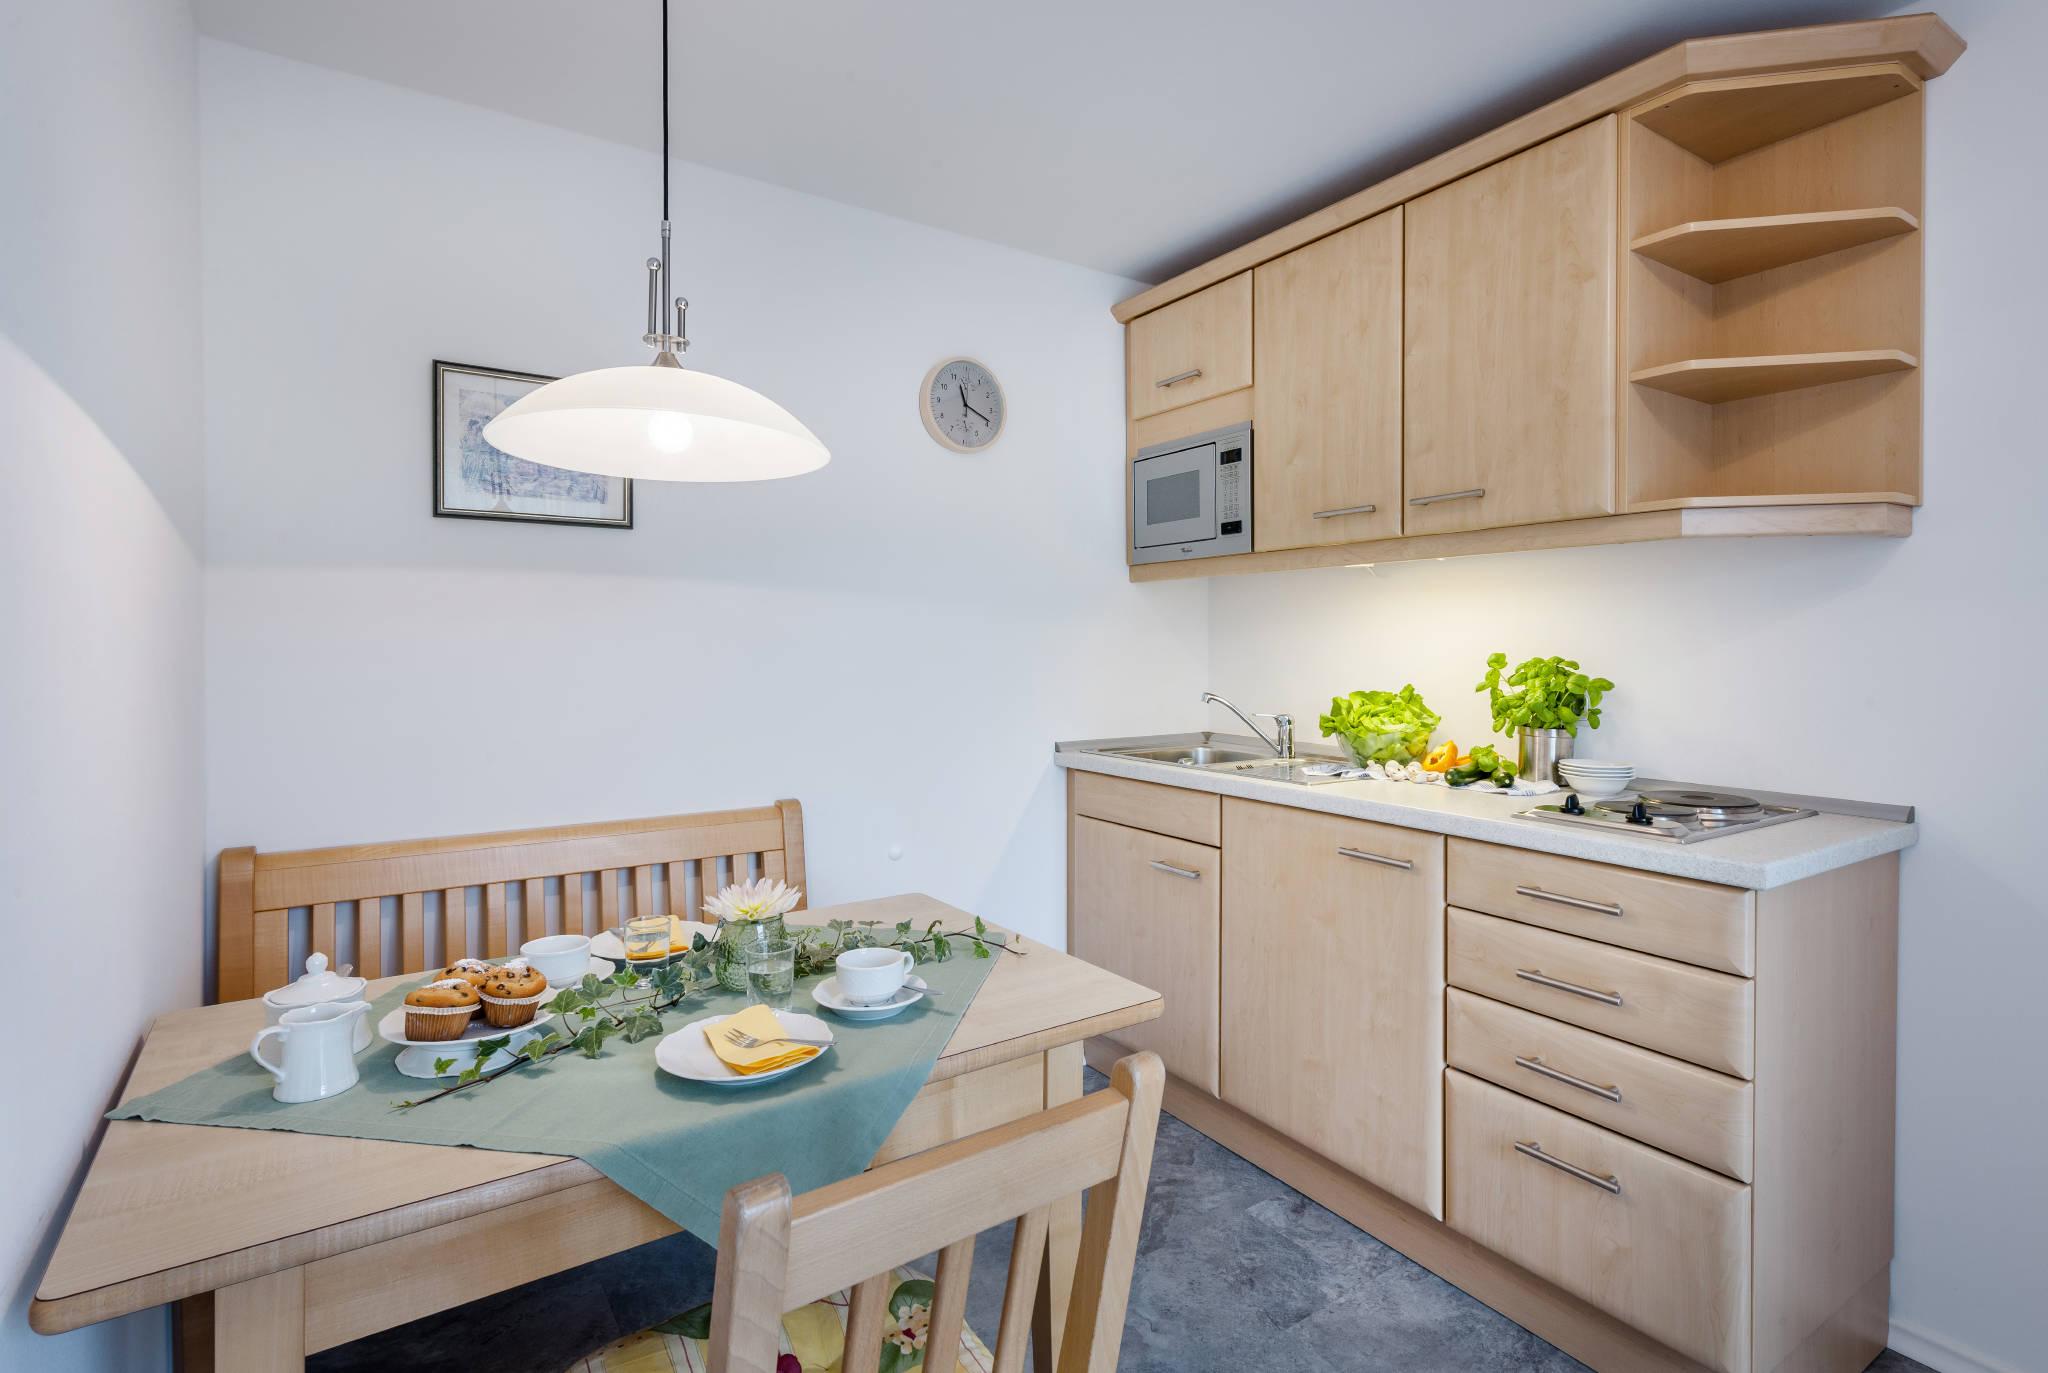 Wohnzimmer/Küchen Beispiel (Wohnung 8)